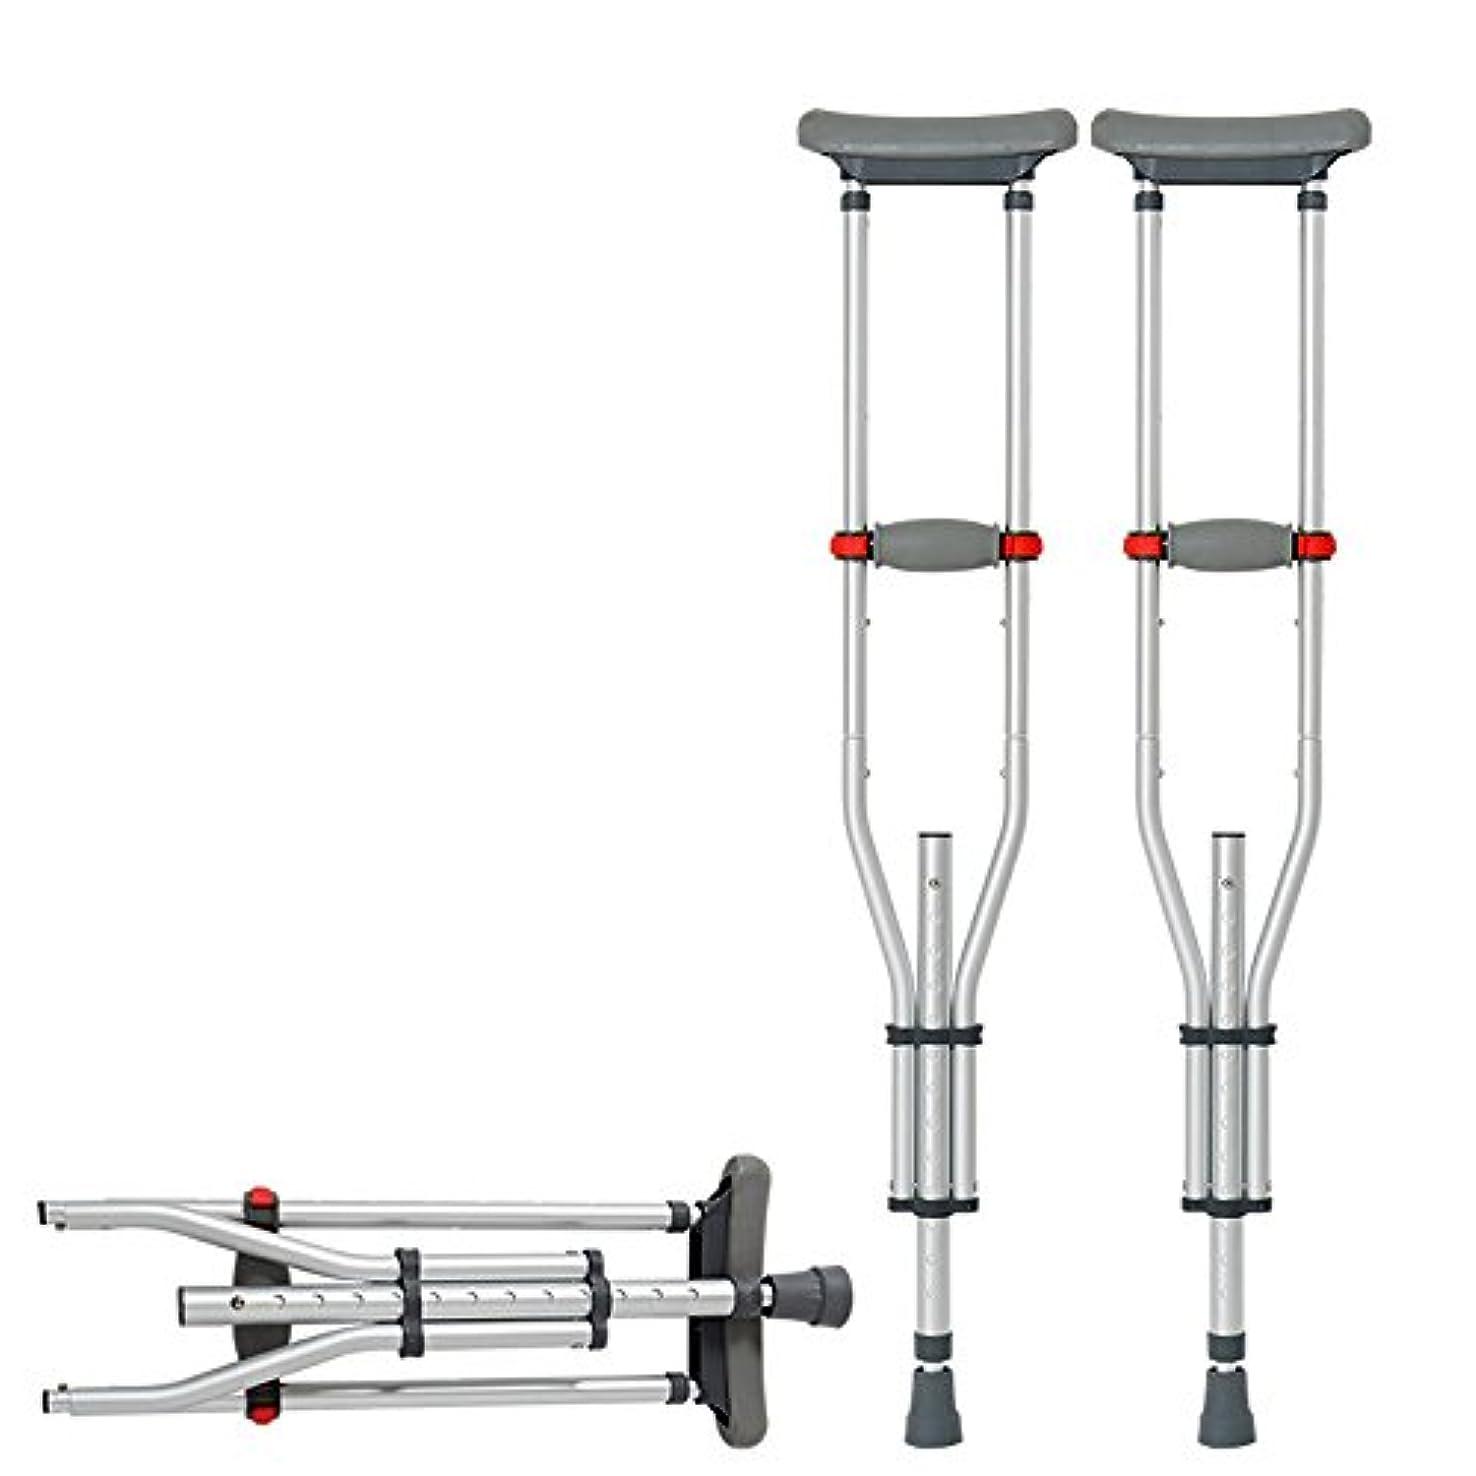 六月害虫セラーLYGT- 松葉杖を使用していない脚を太くする高齢者歩行者を滑り止めることができる高さ調節可能な折りたたみ式腕をする医療ウォーキングスティック(片足)